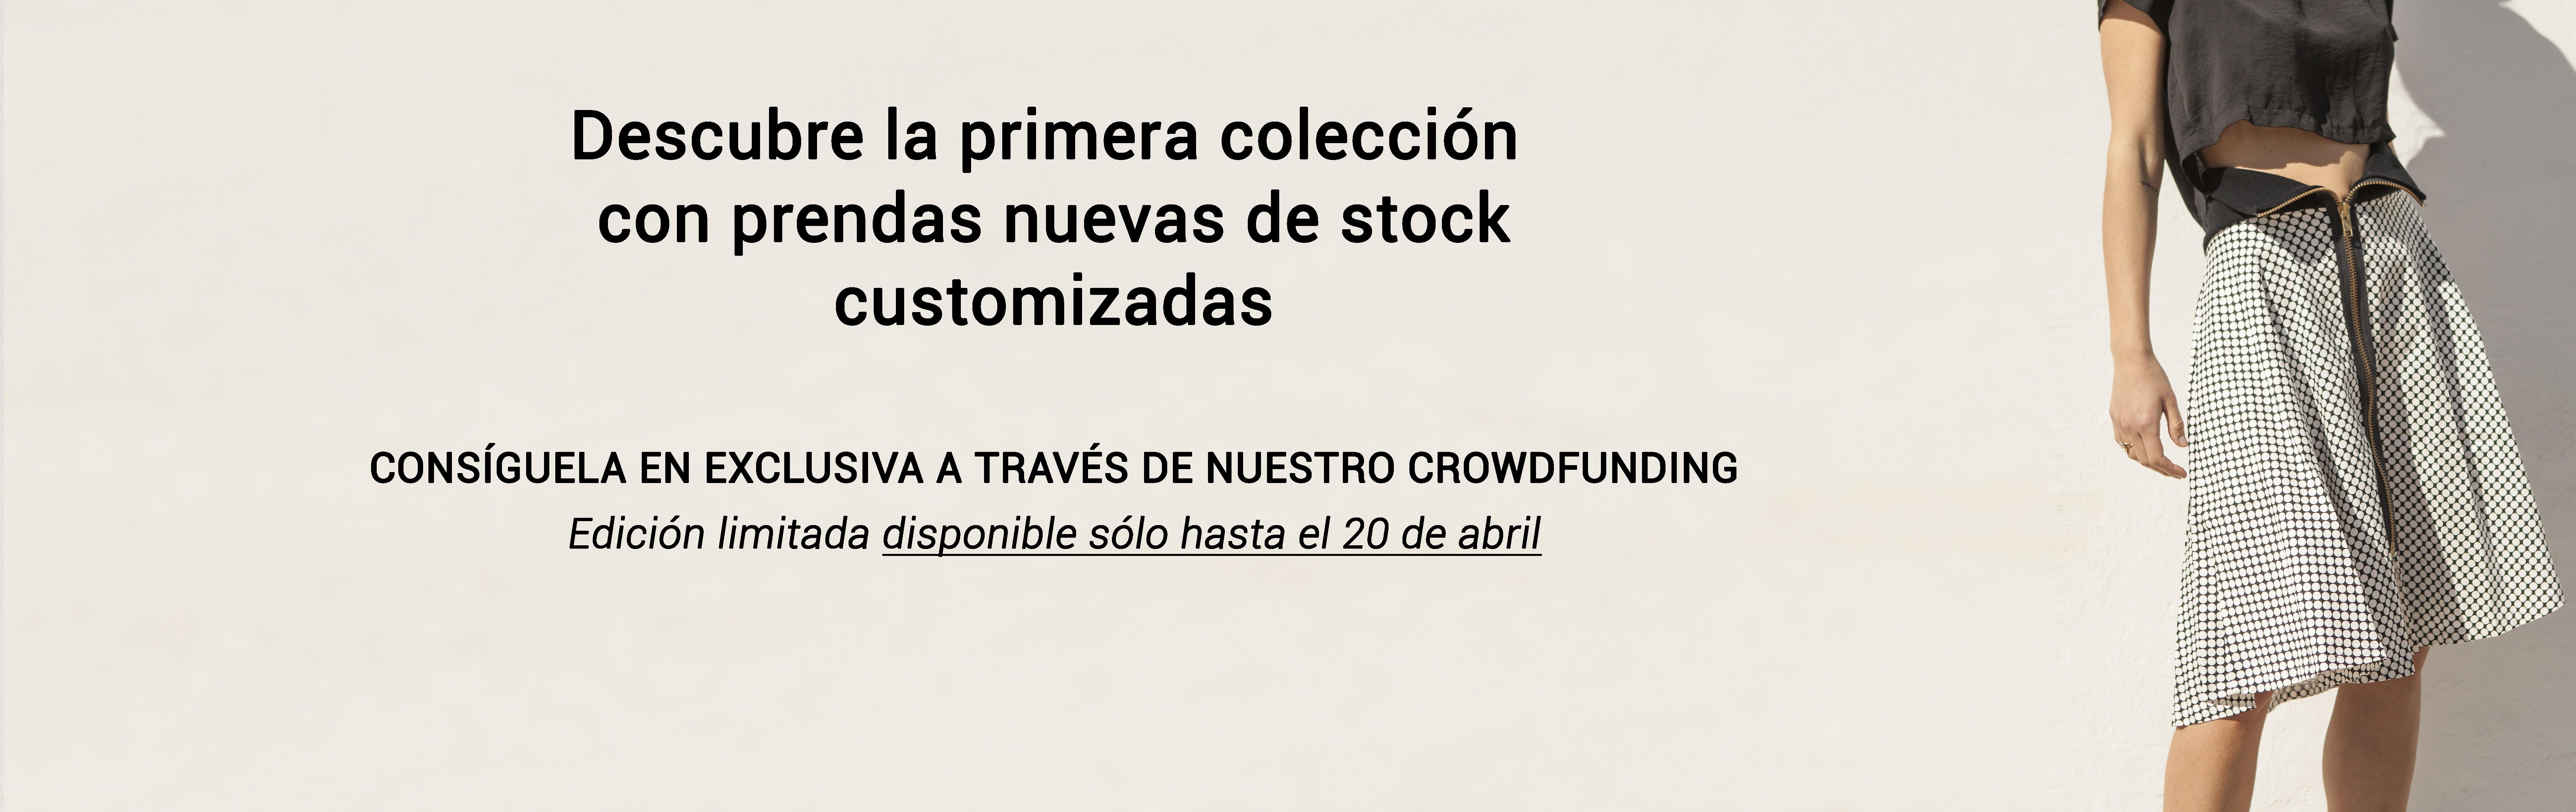 nueva colección crowdfunding